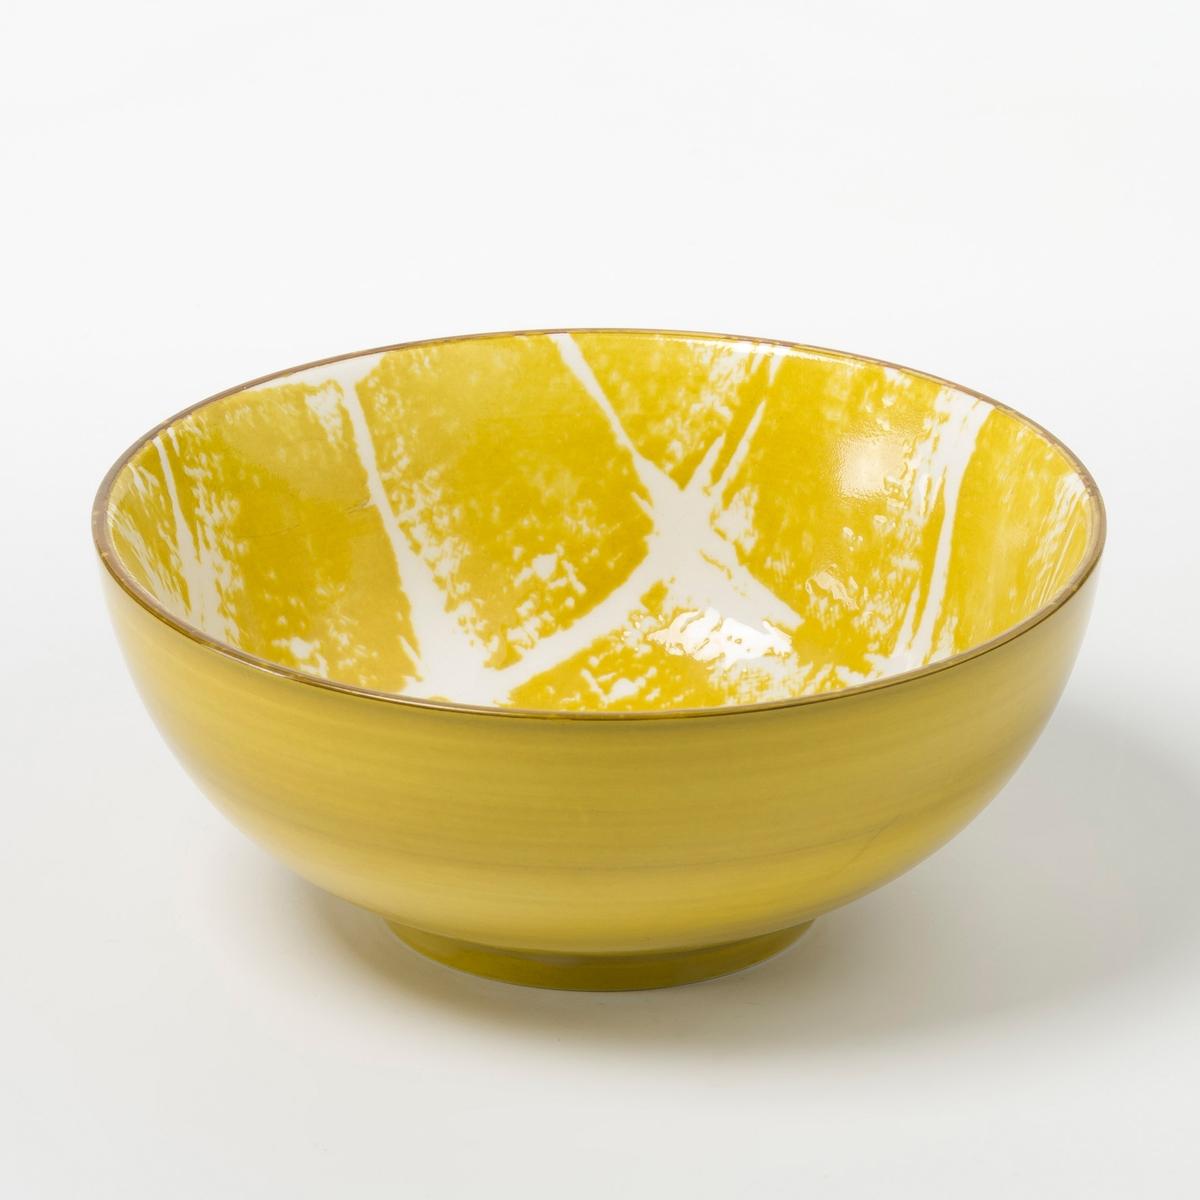 Комплект из 4 мисок из керамики Malado